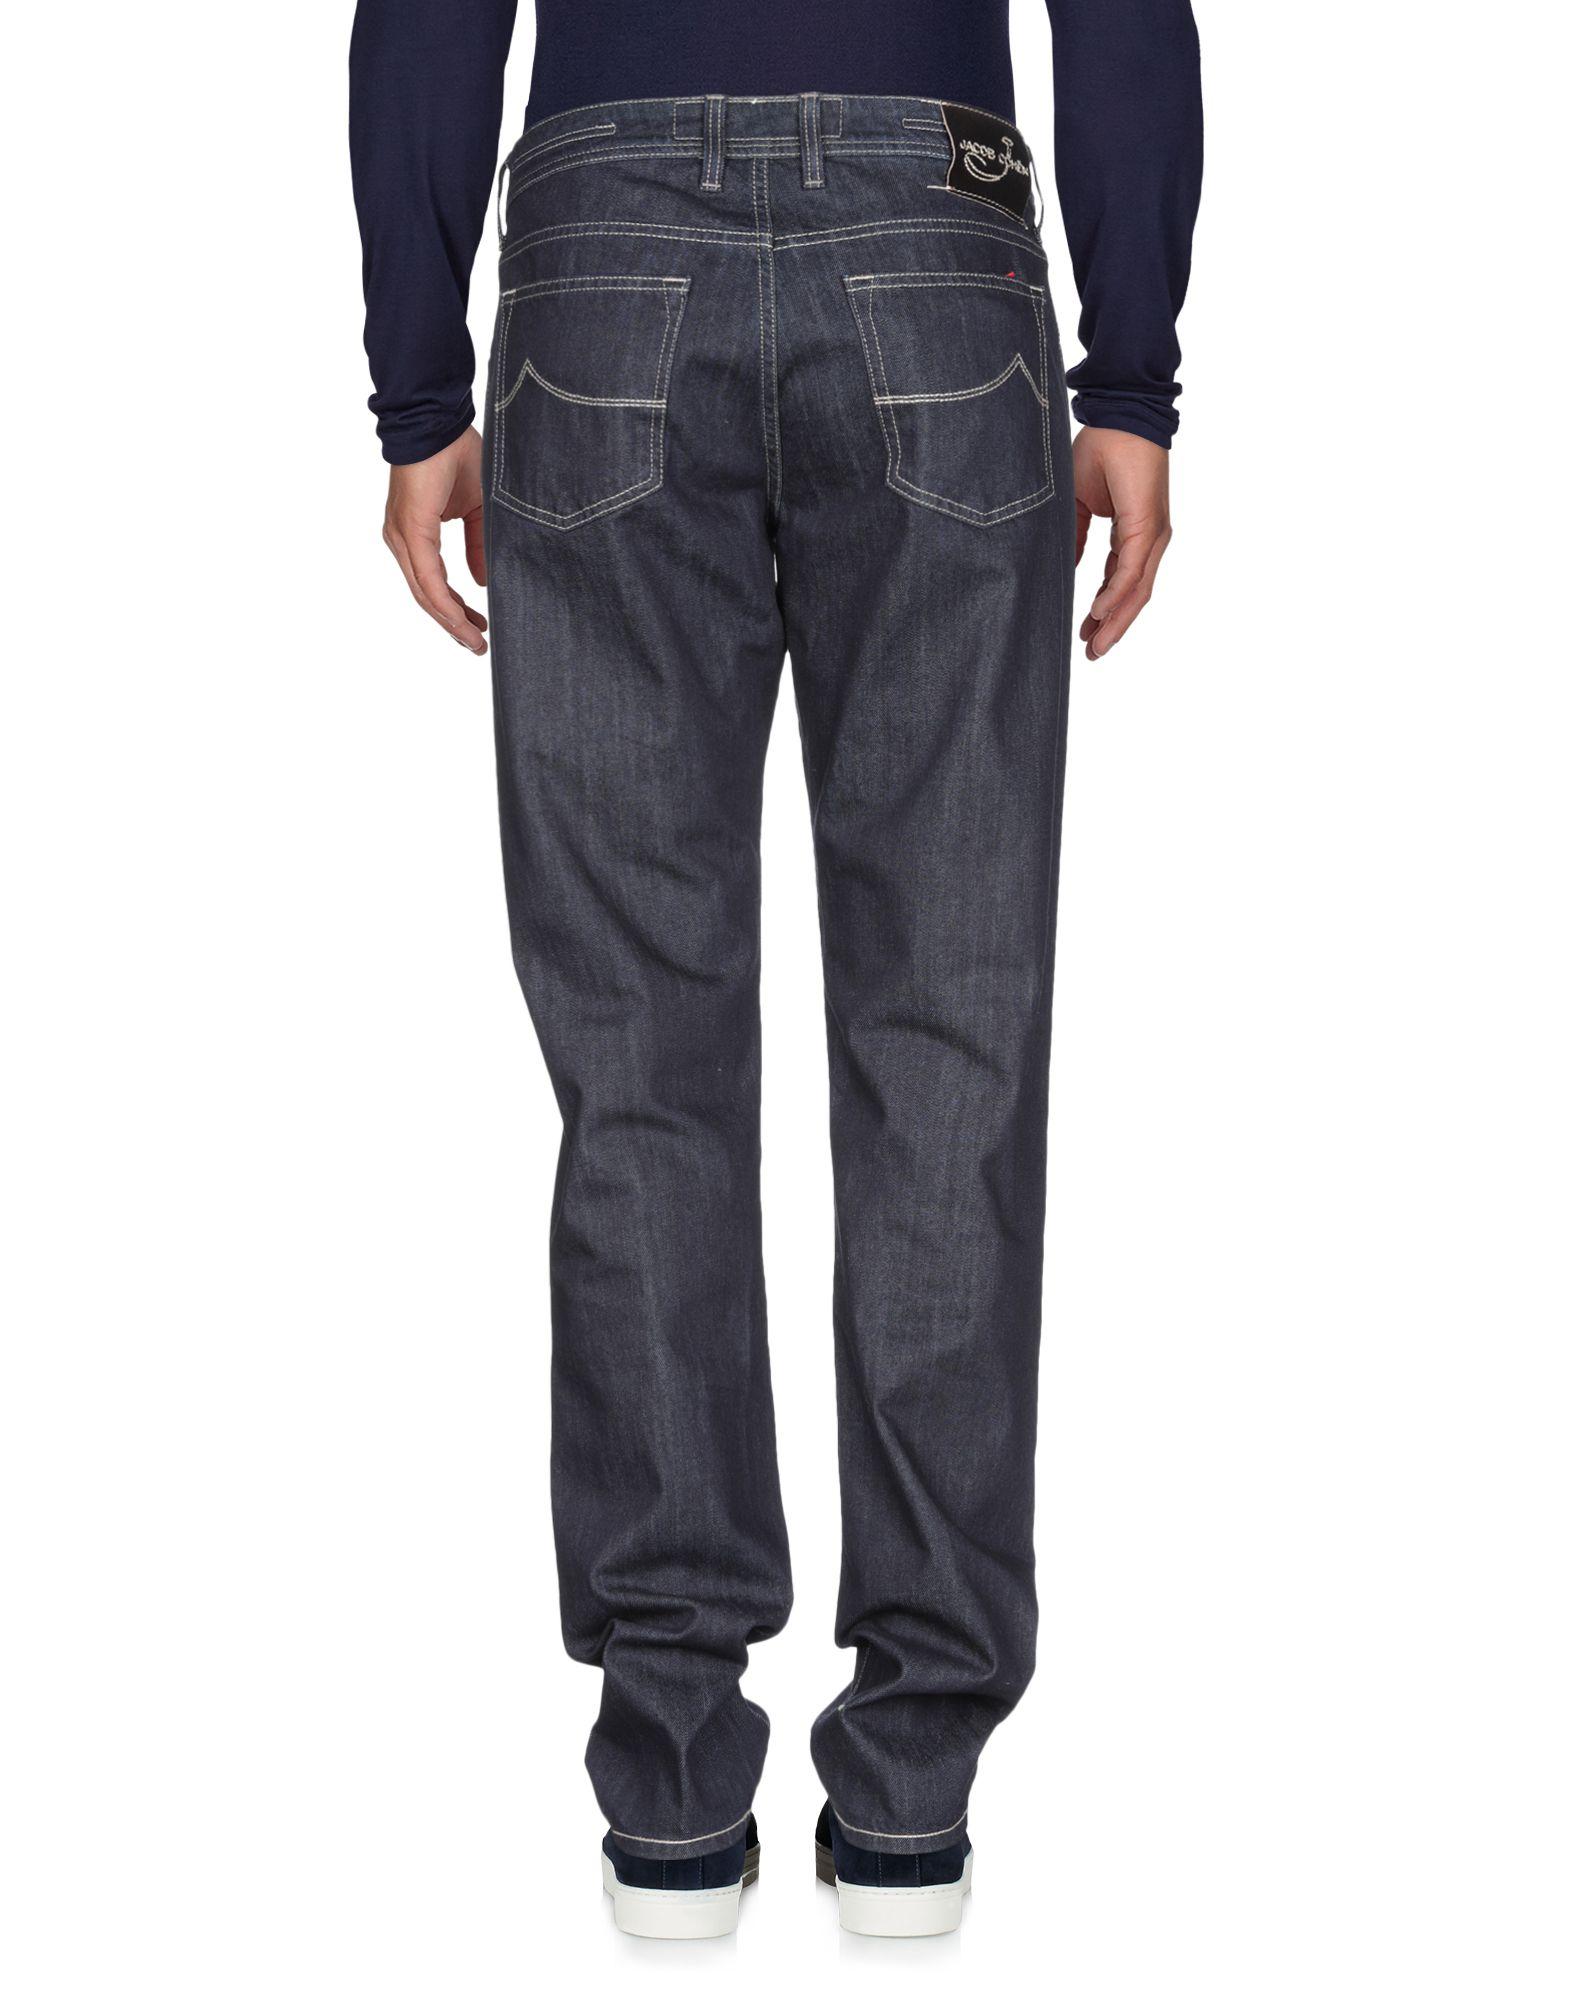 Pantaloni 42688594VD Jeans Jacob Cohёn Uomo - 42688594VD Pantaloni b889ab